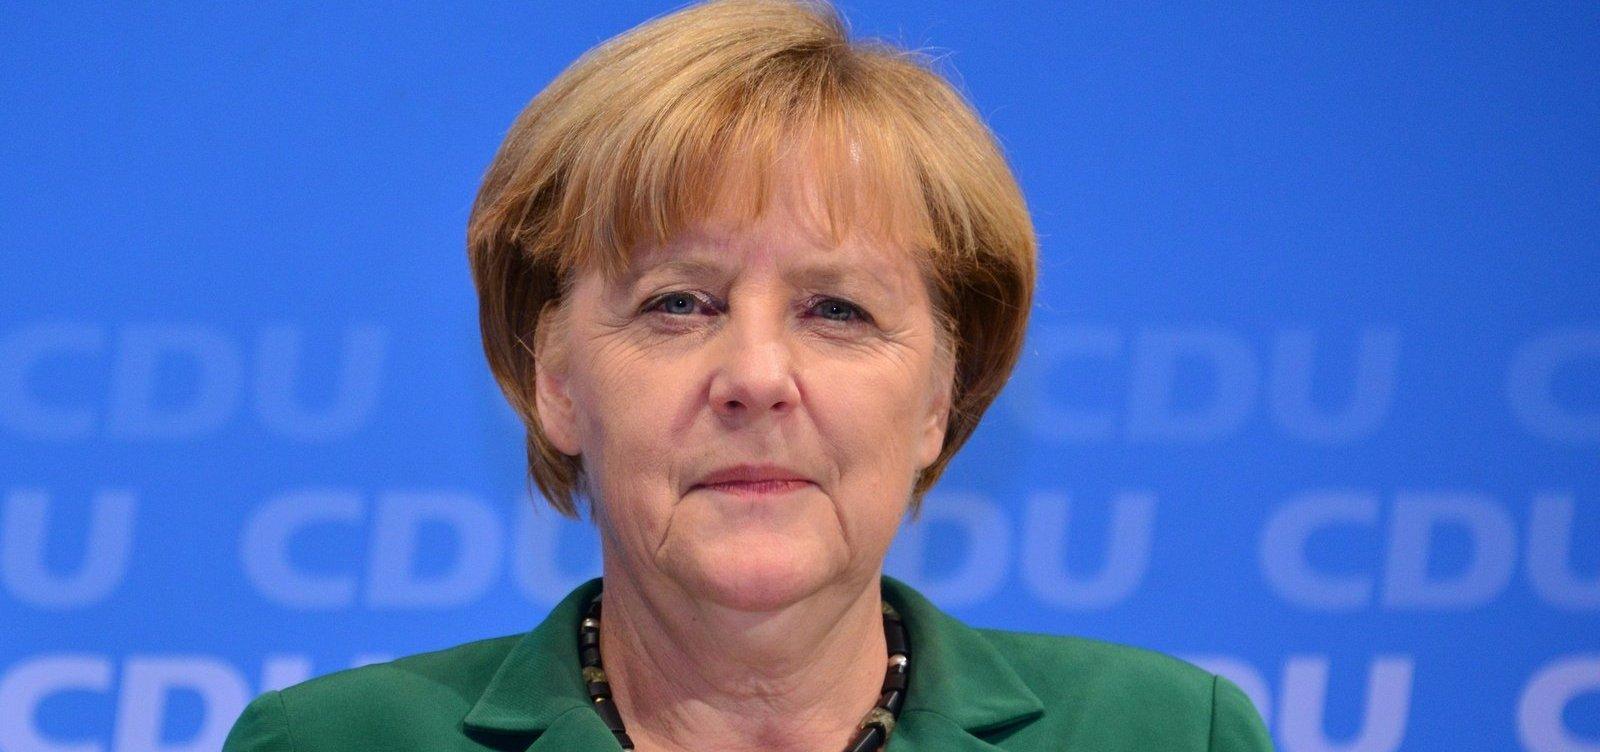 [Angela Merkel diz que incêndios na Amazônia devem ser debatidos no G7]